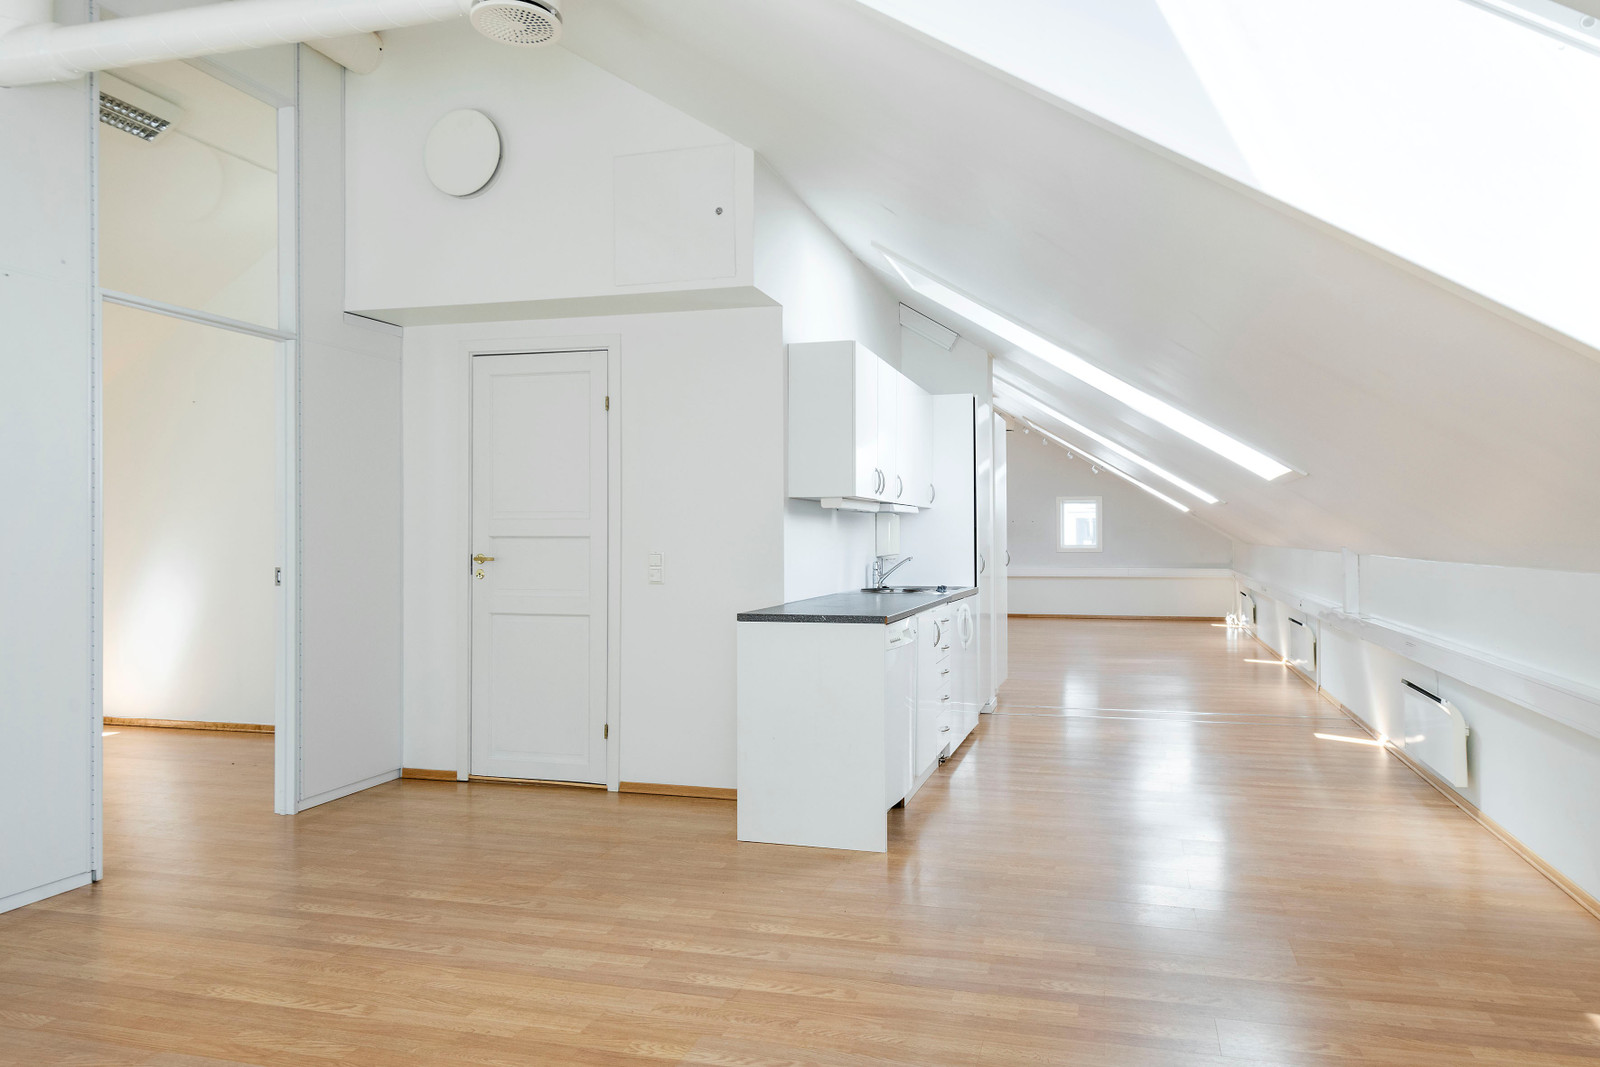 Moderne kontorlokale med minikjøkken